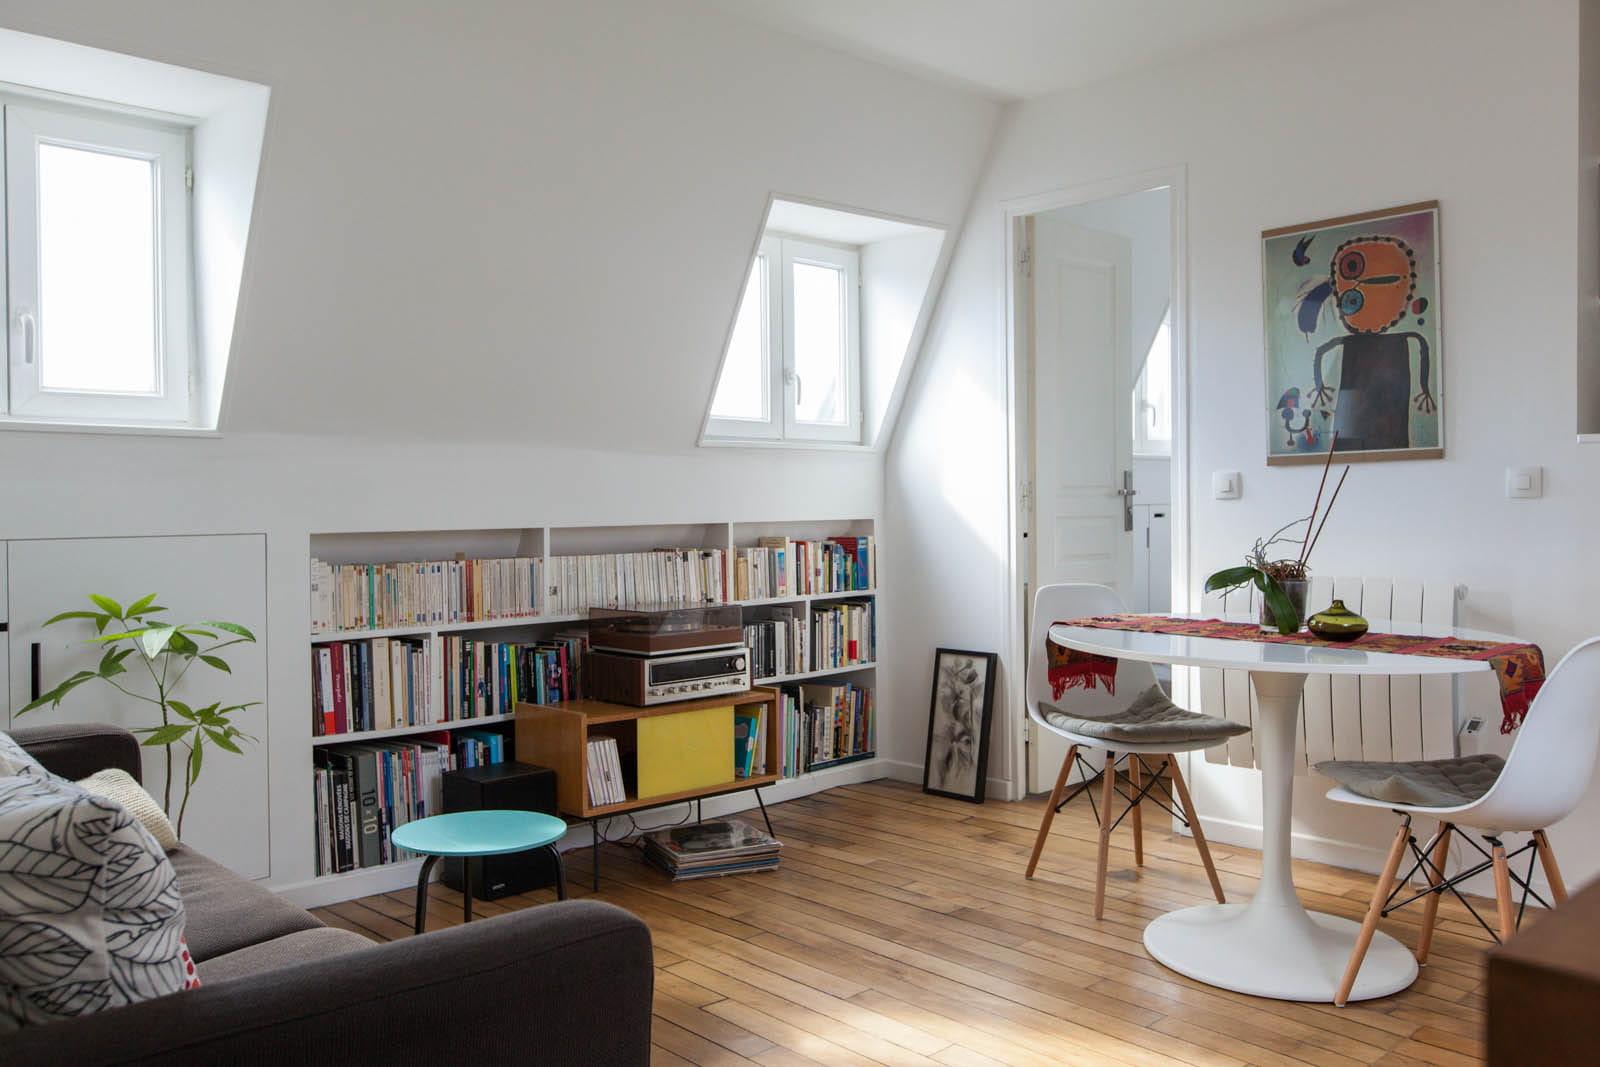 petit espace un chouette nid sous les combles journal des femmes. Black Bedroom Furniture Sets. Home Design Ideas